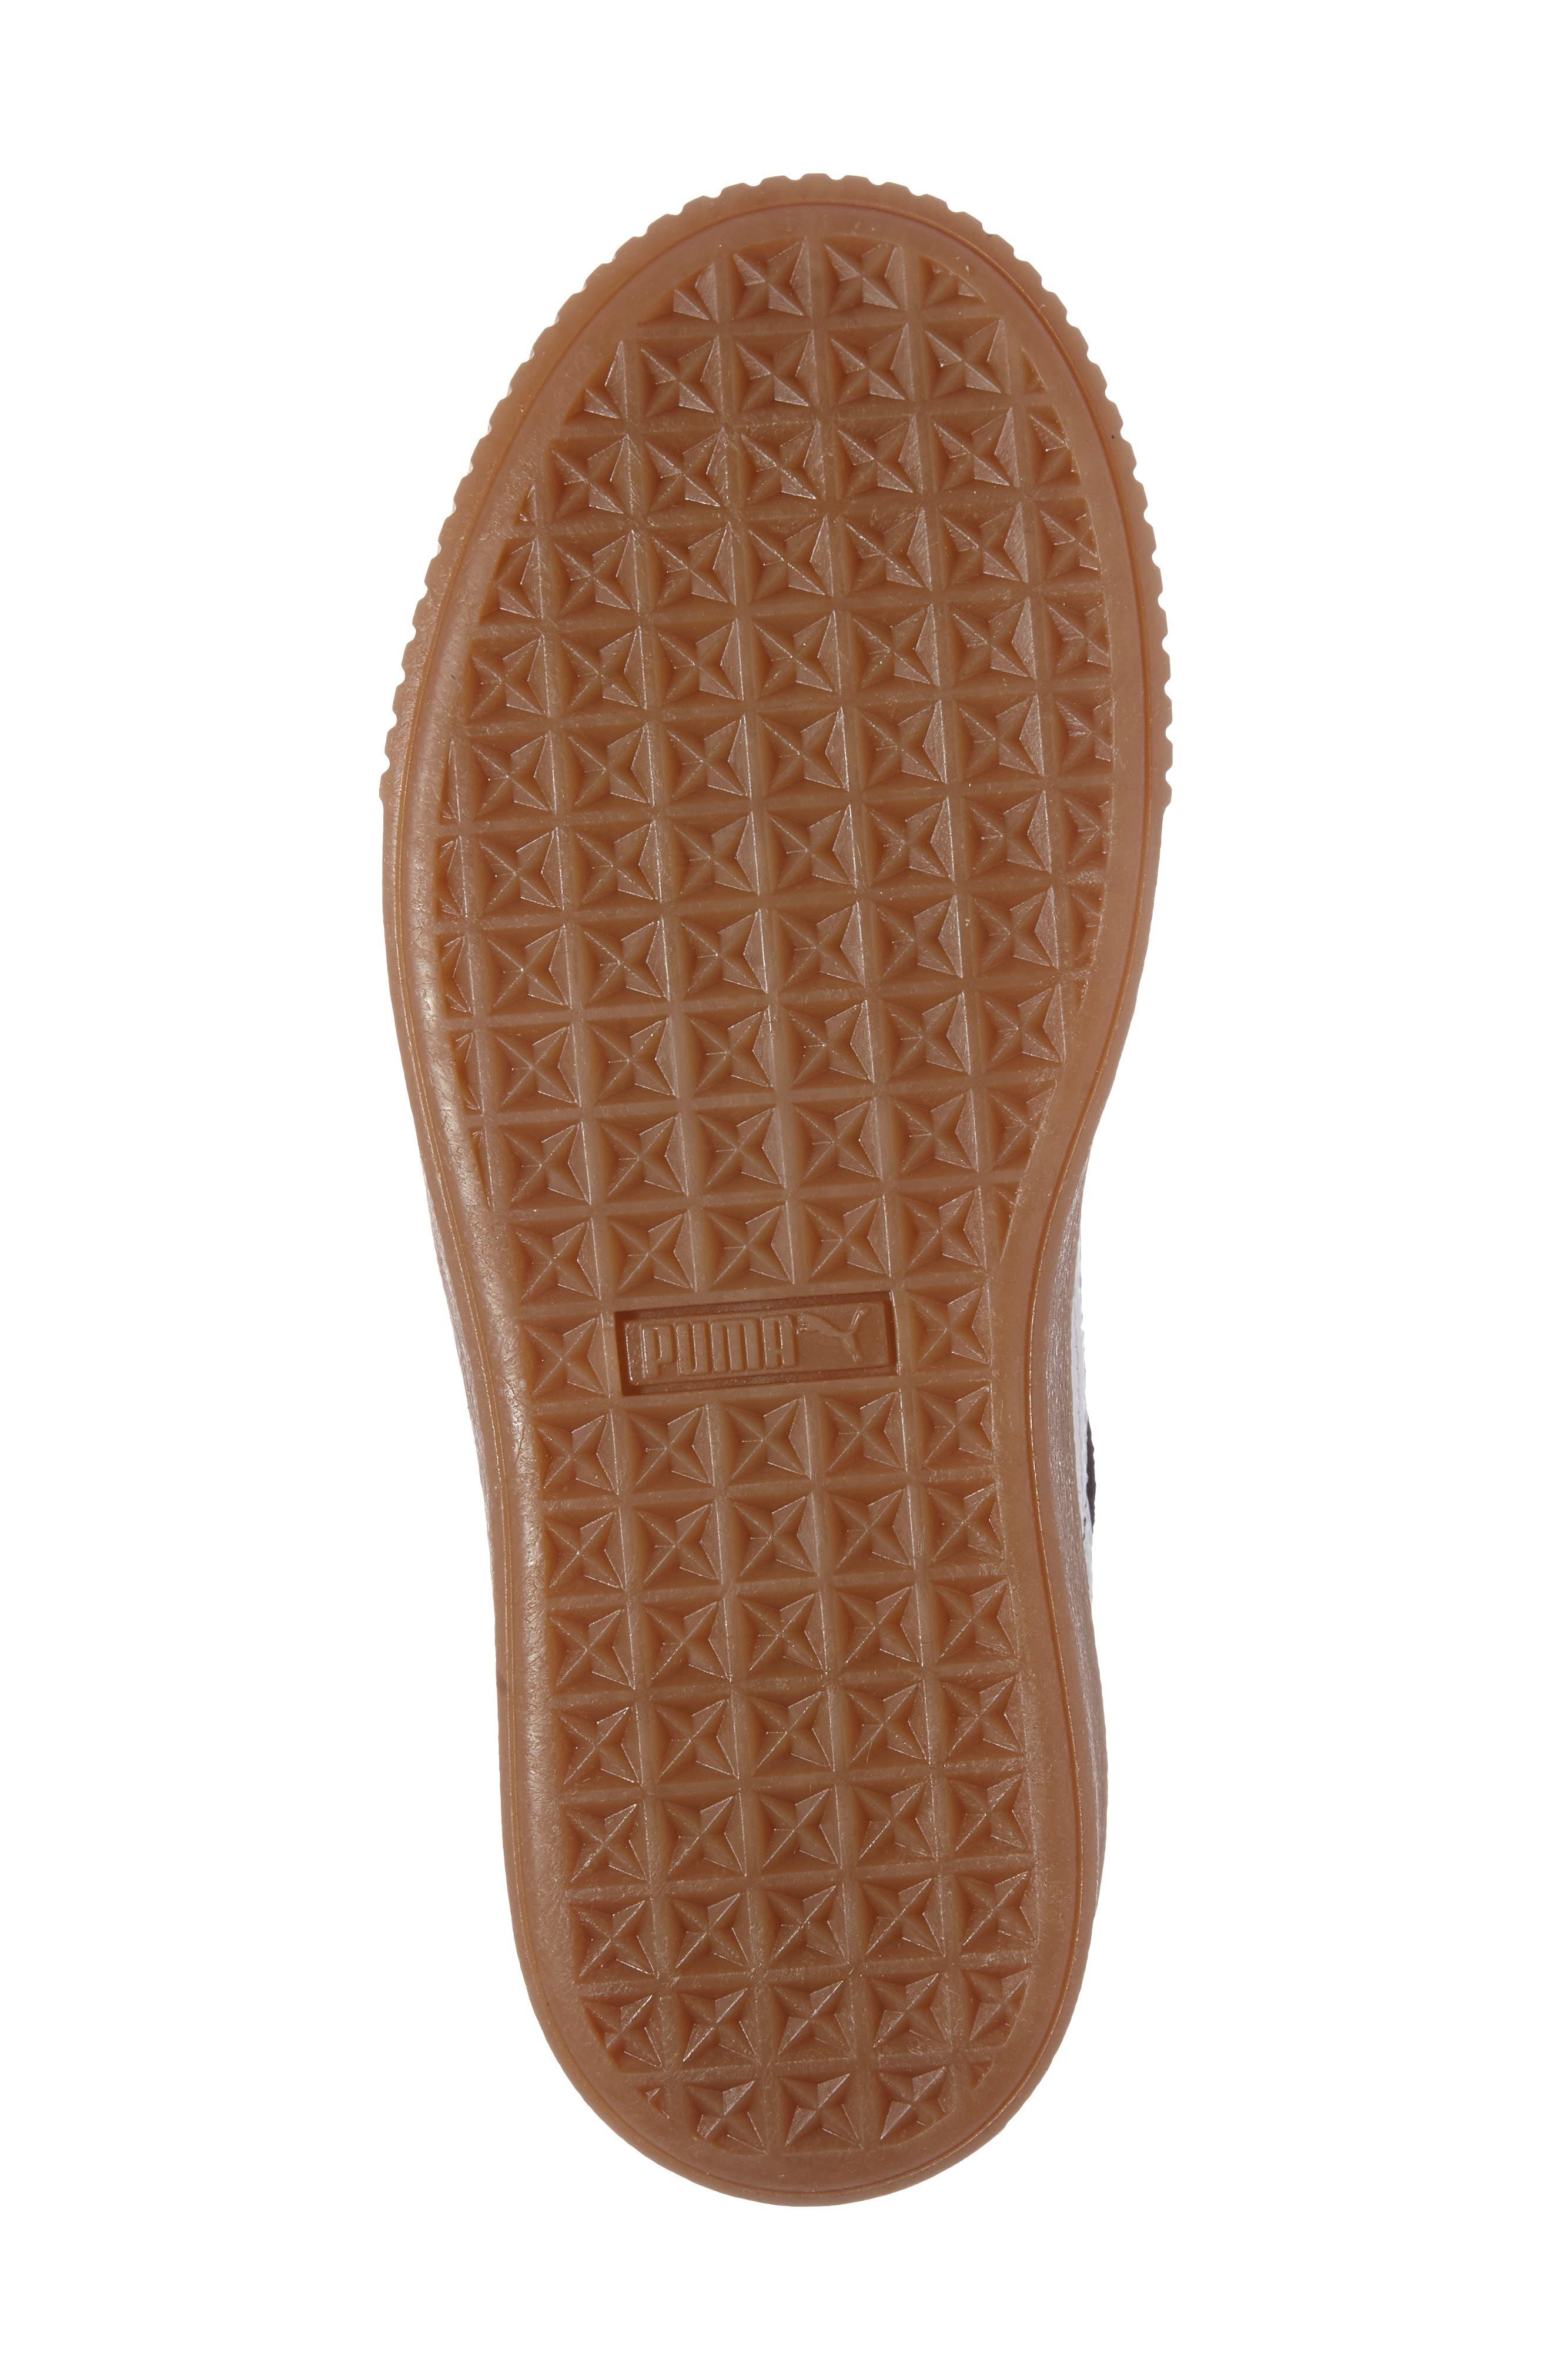 PUMA, Suede Platform Core Sneaker, Alternate thumbnail 4, color, 001